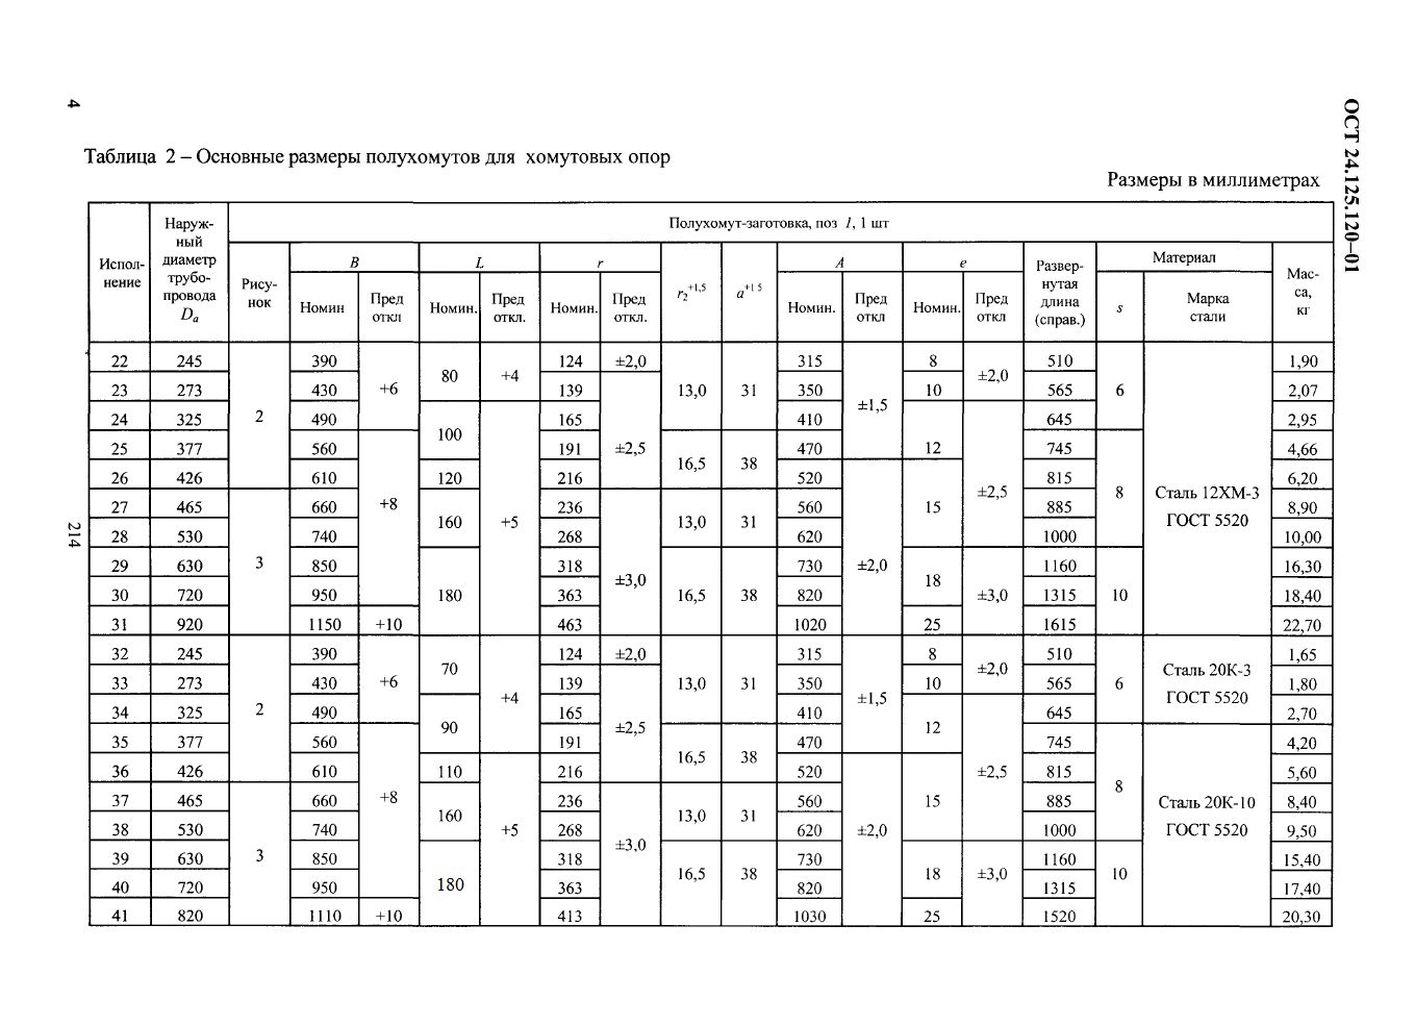 Полухомуты для хомутовых опор ОСТ 24.125.120-01 стр.4